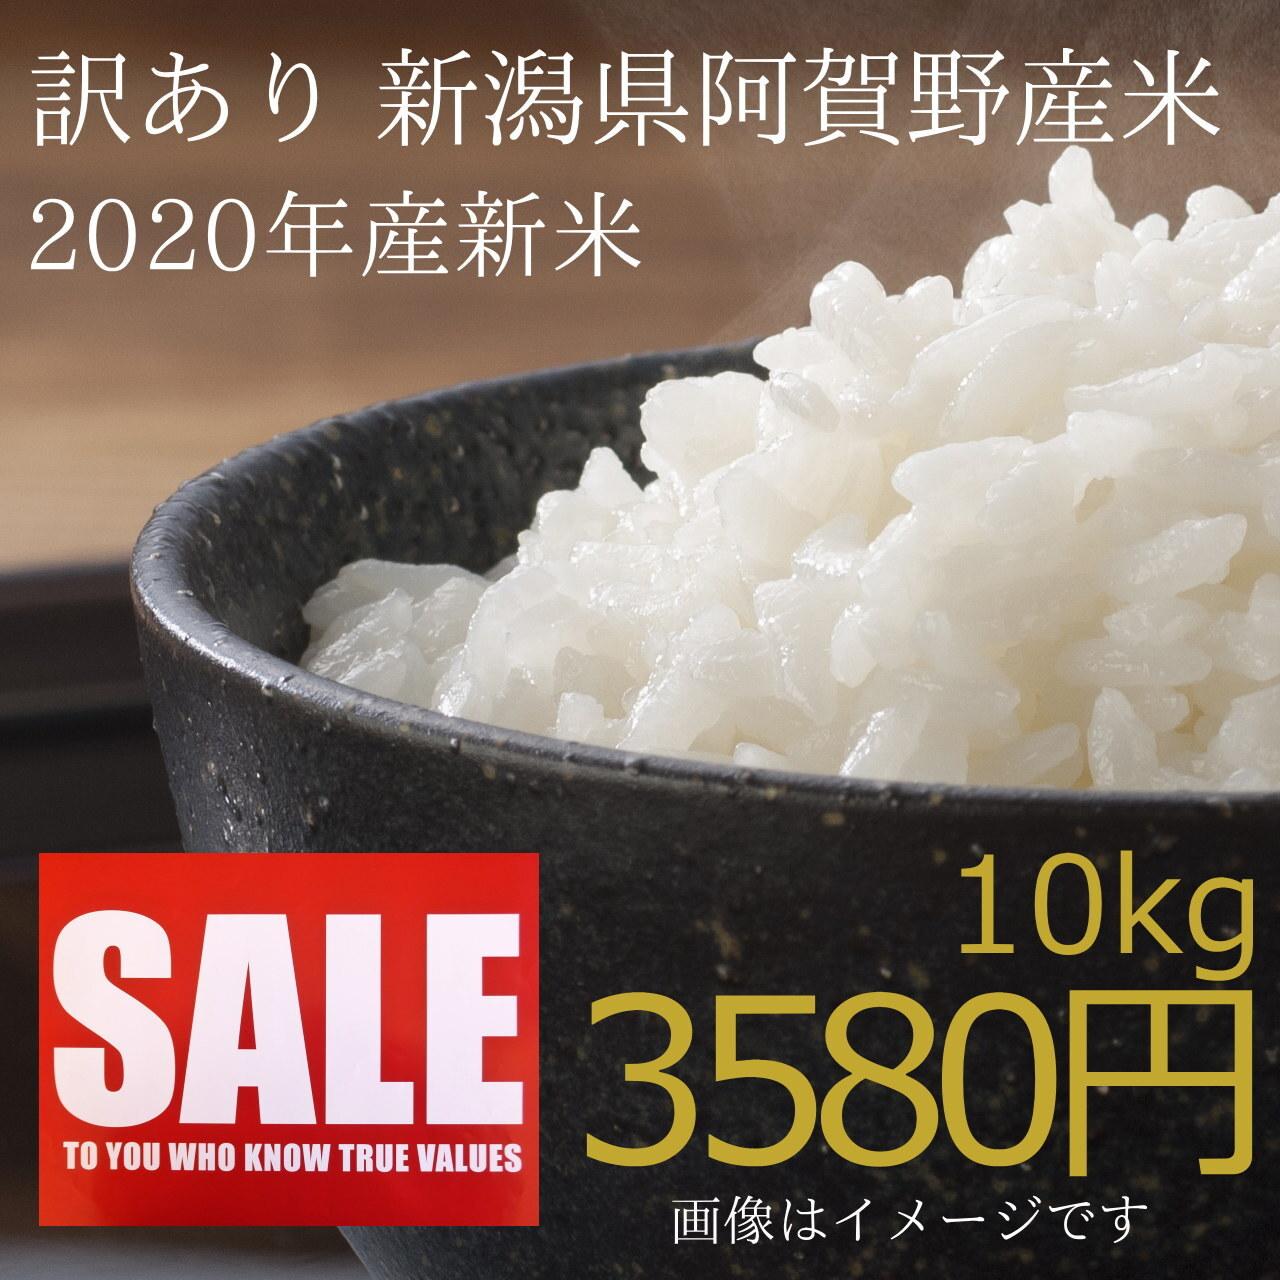 新潟県阿賀野産 訳あり米が10キロ3580円